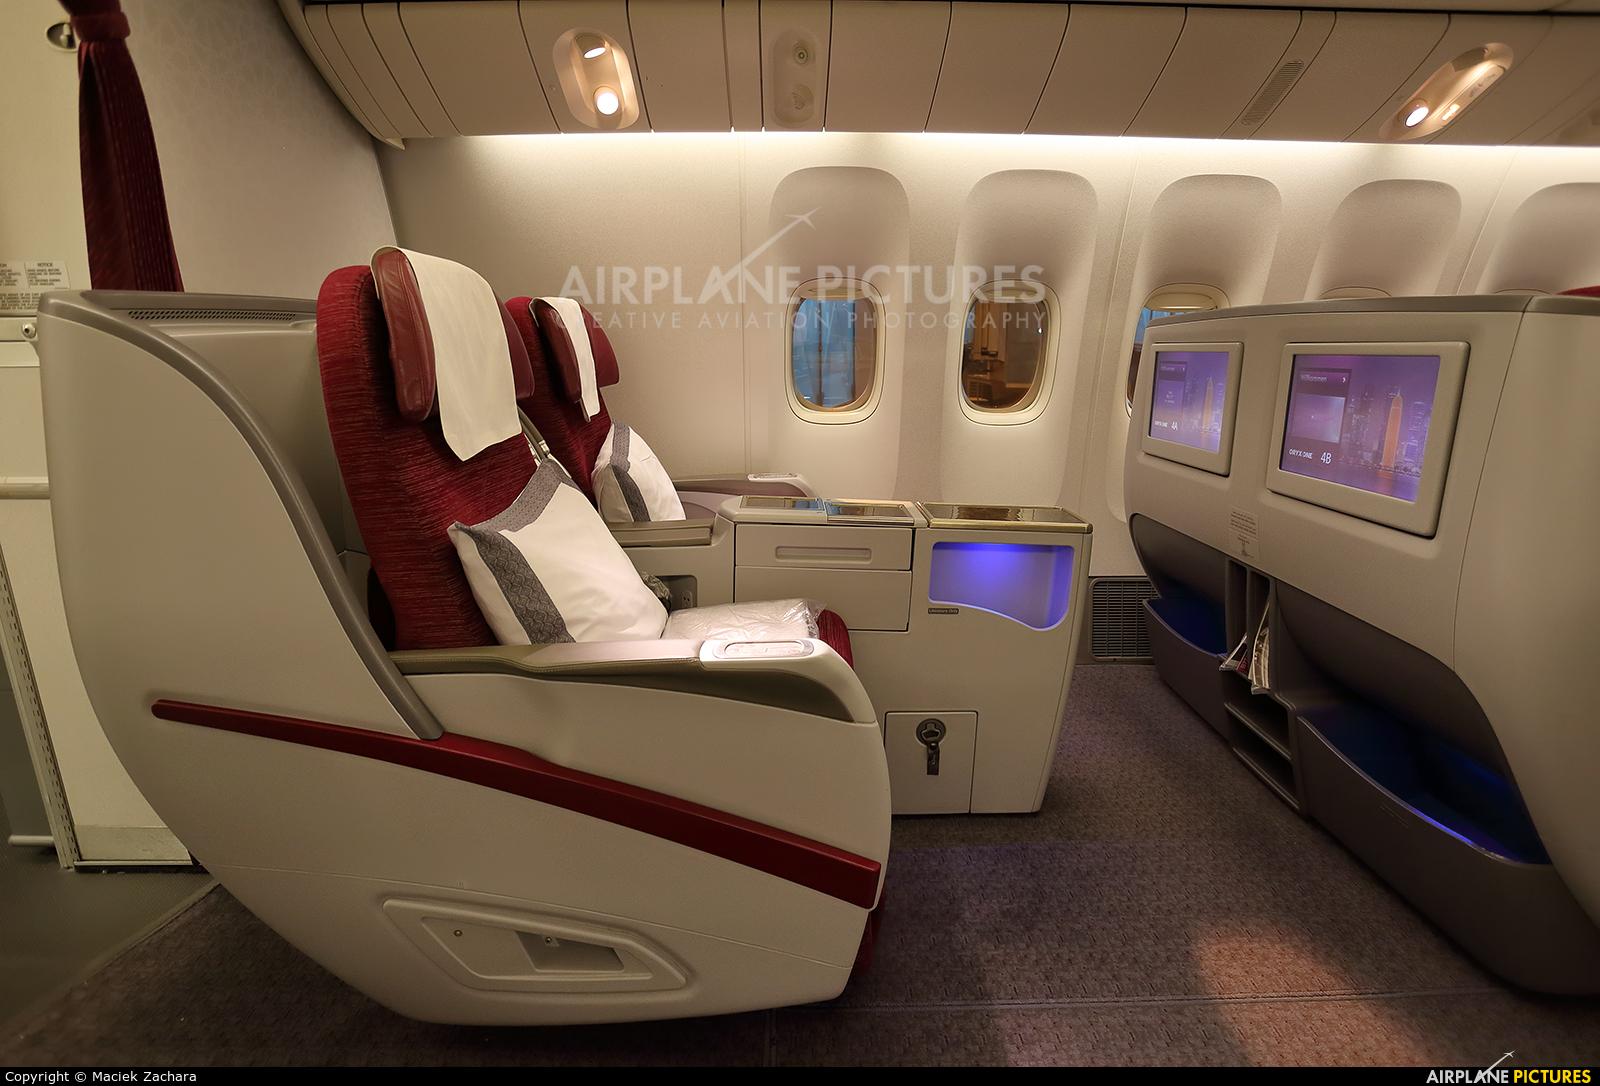 Qatar Airways A7-BAL aircraft at New Doha